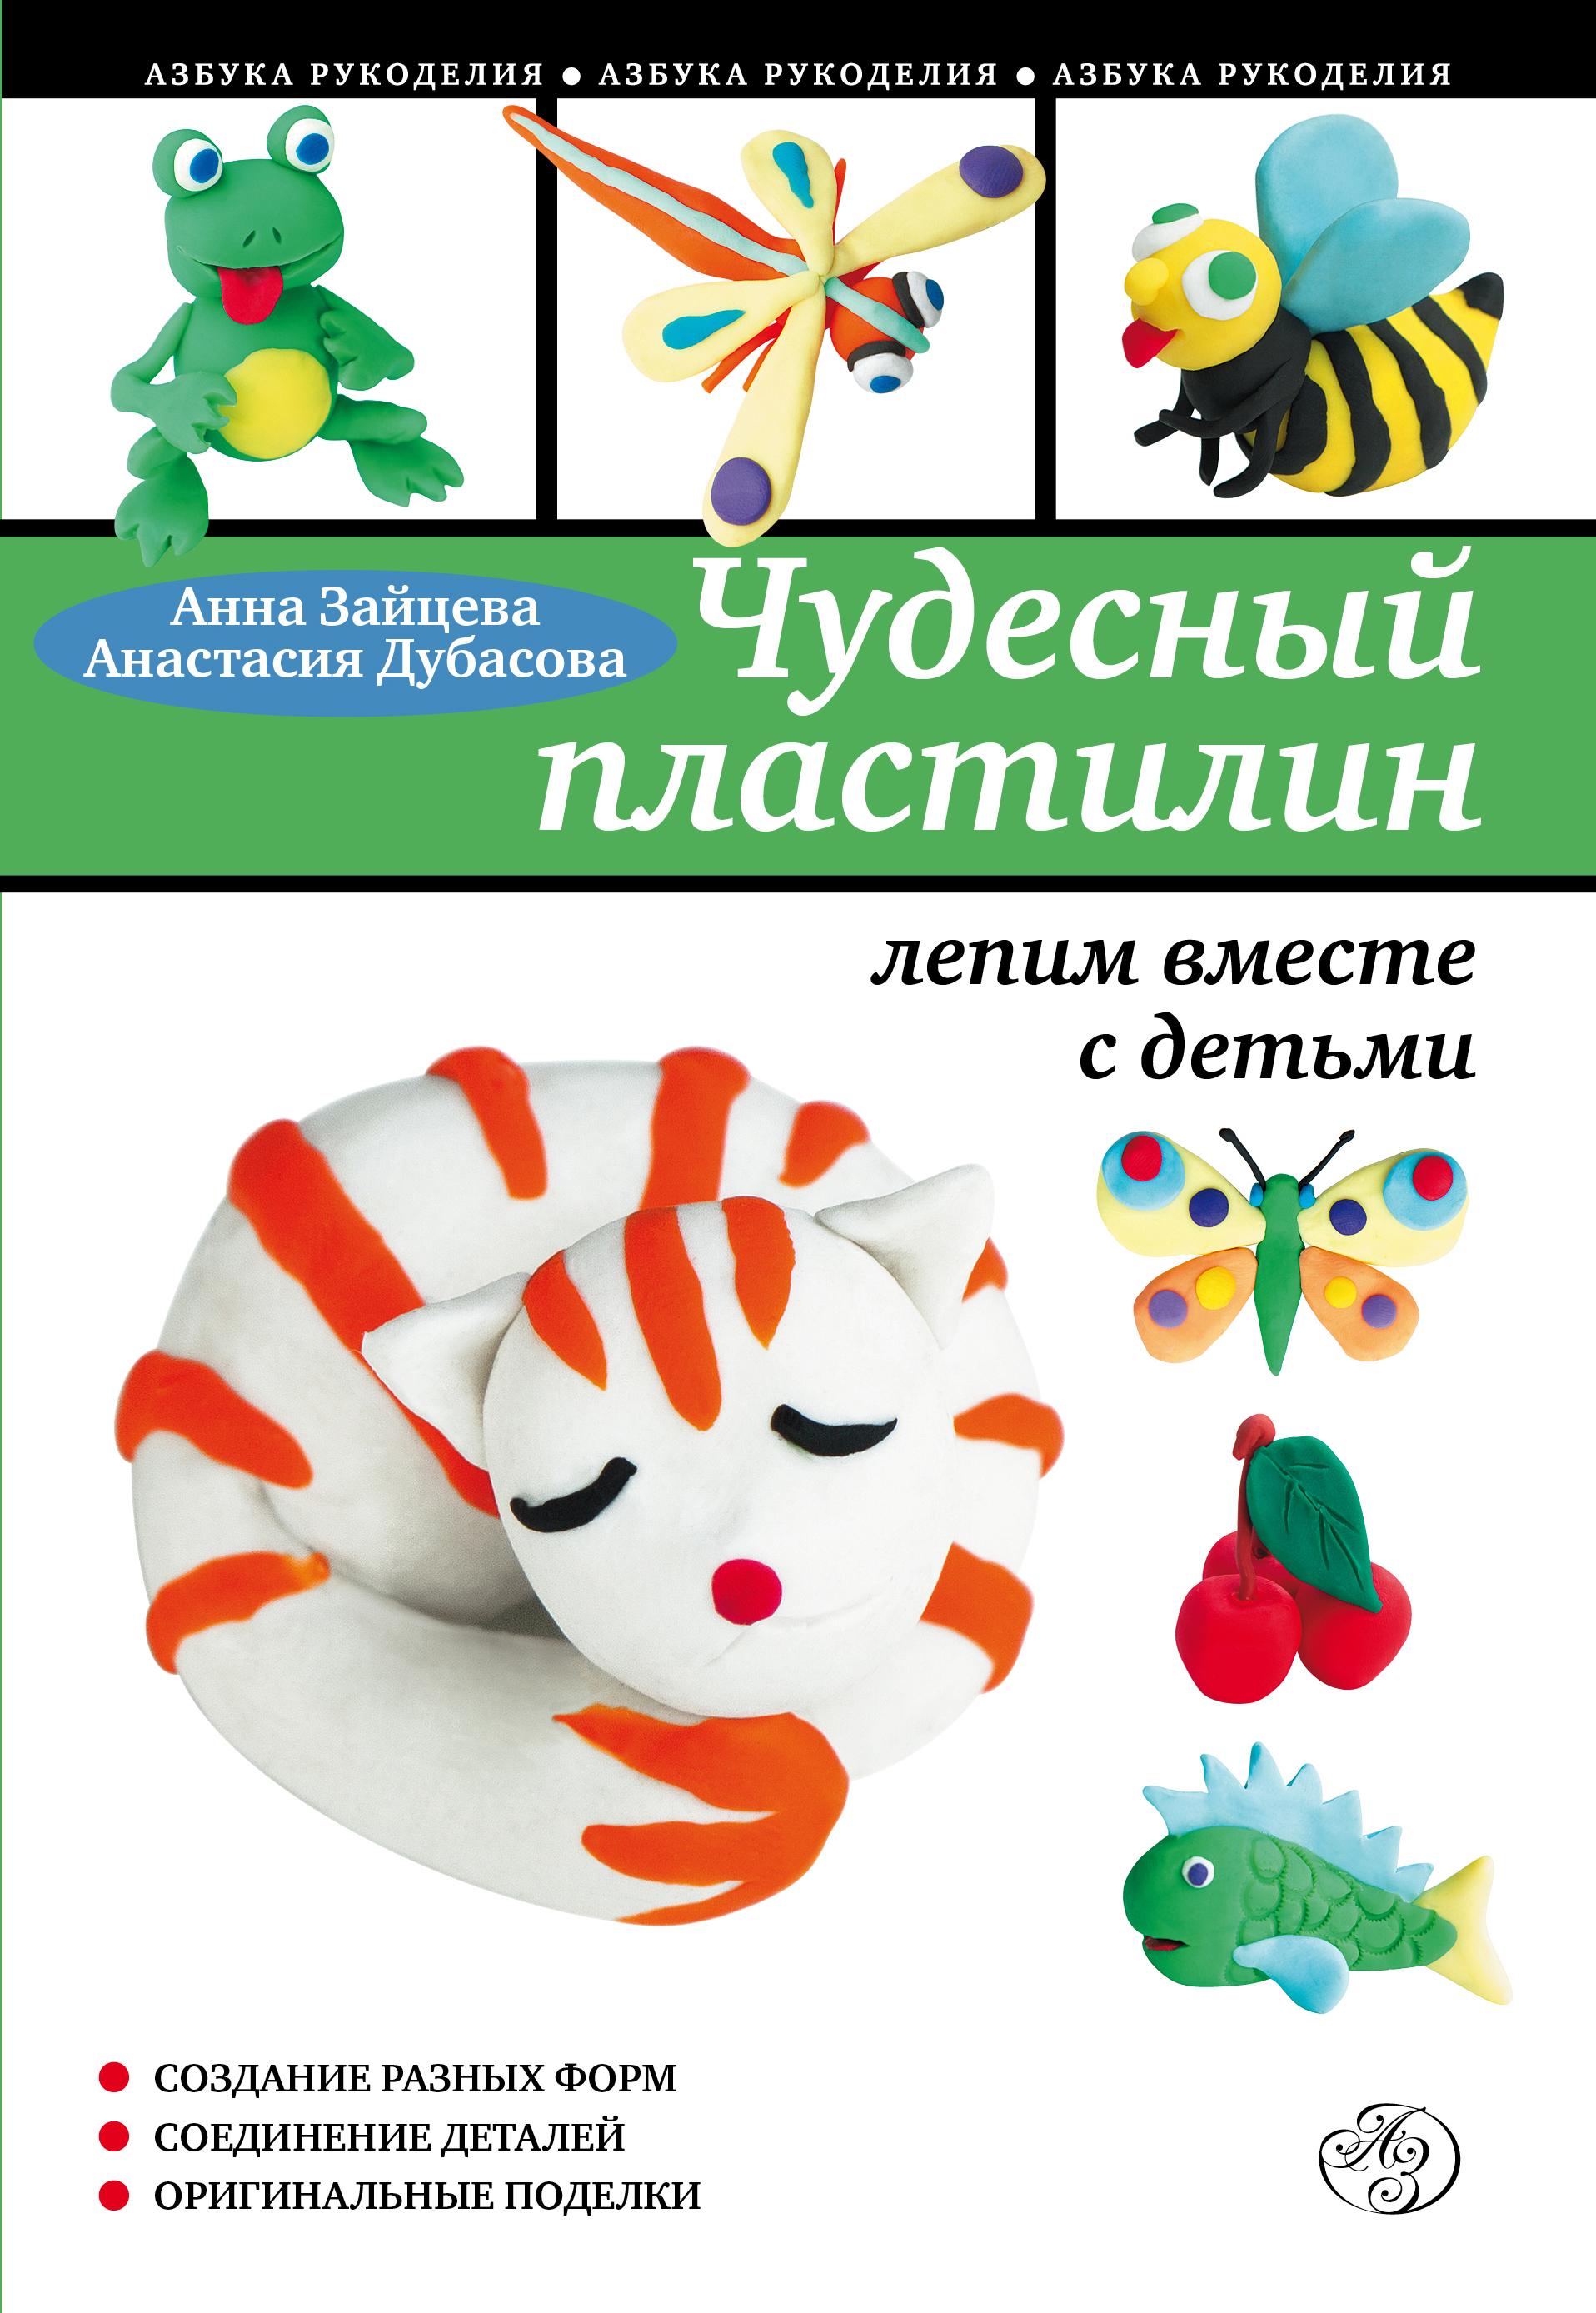 Источник: Зайцева Анна, Чудесный пластилин. Лепим вместе с детьми